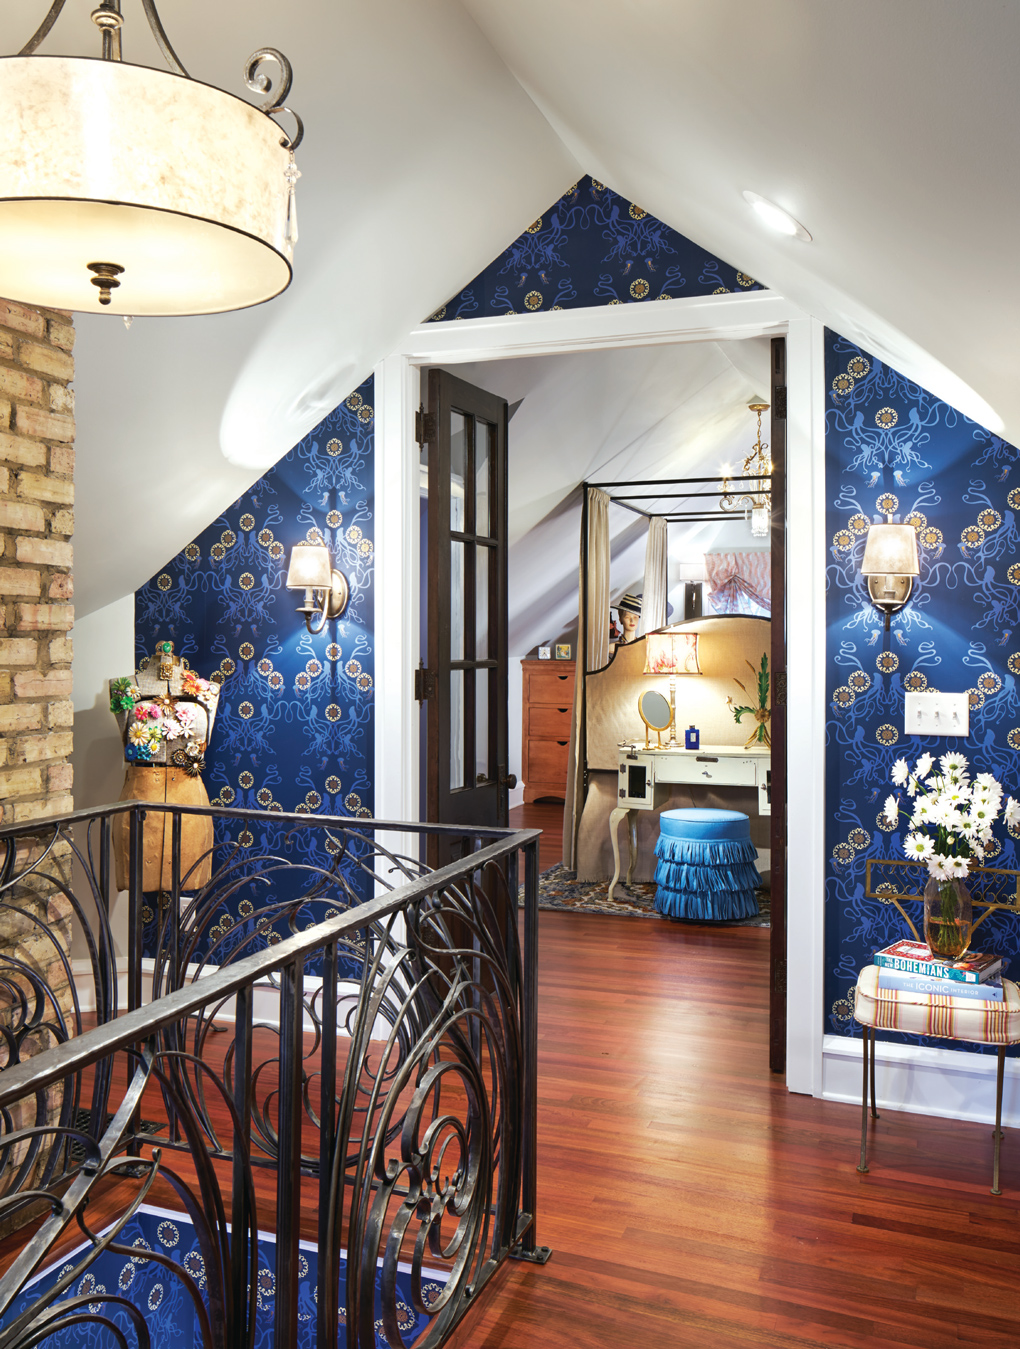 custom railings, Lisa Elias, vintage